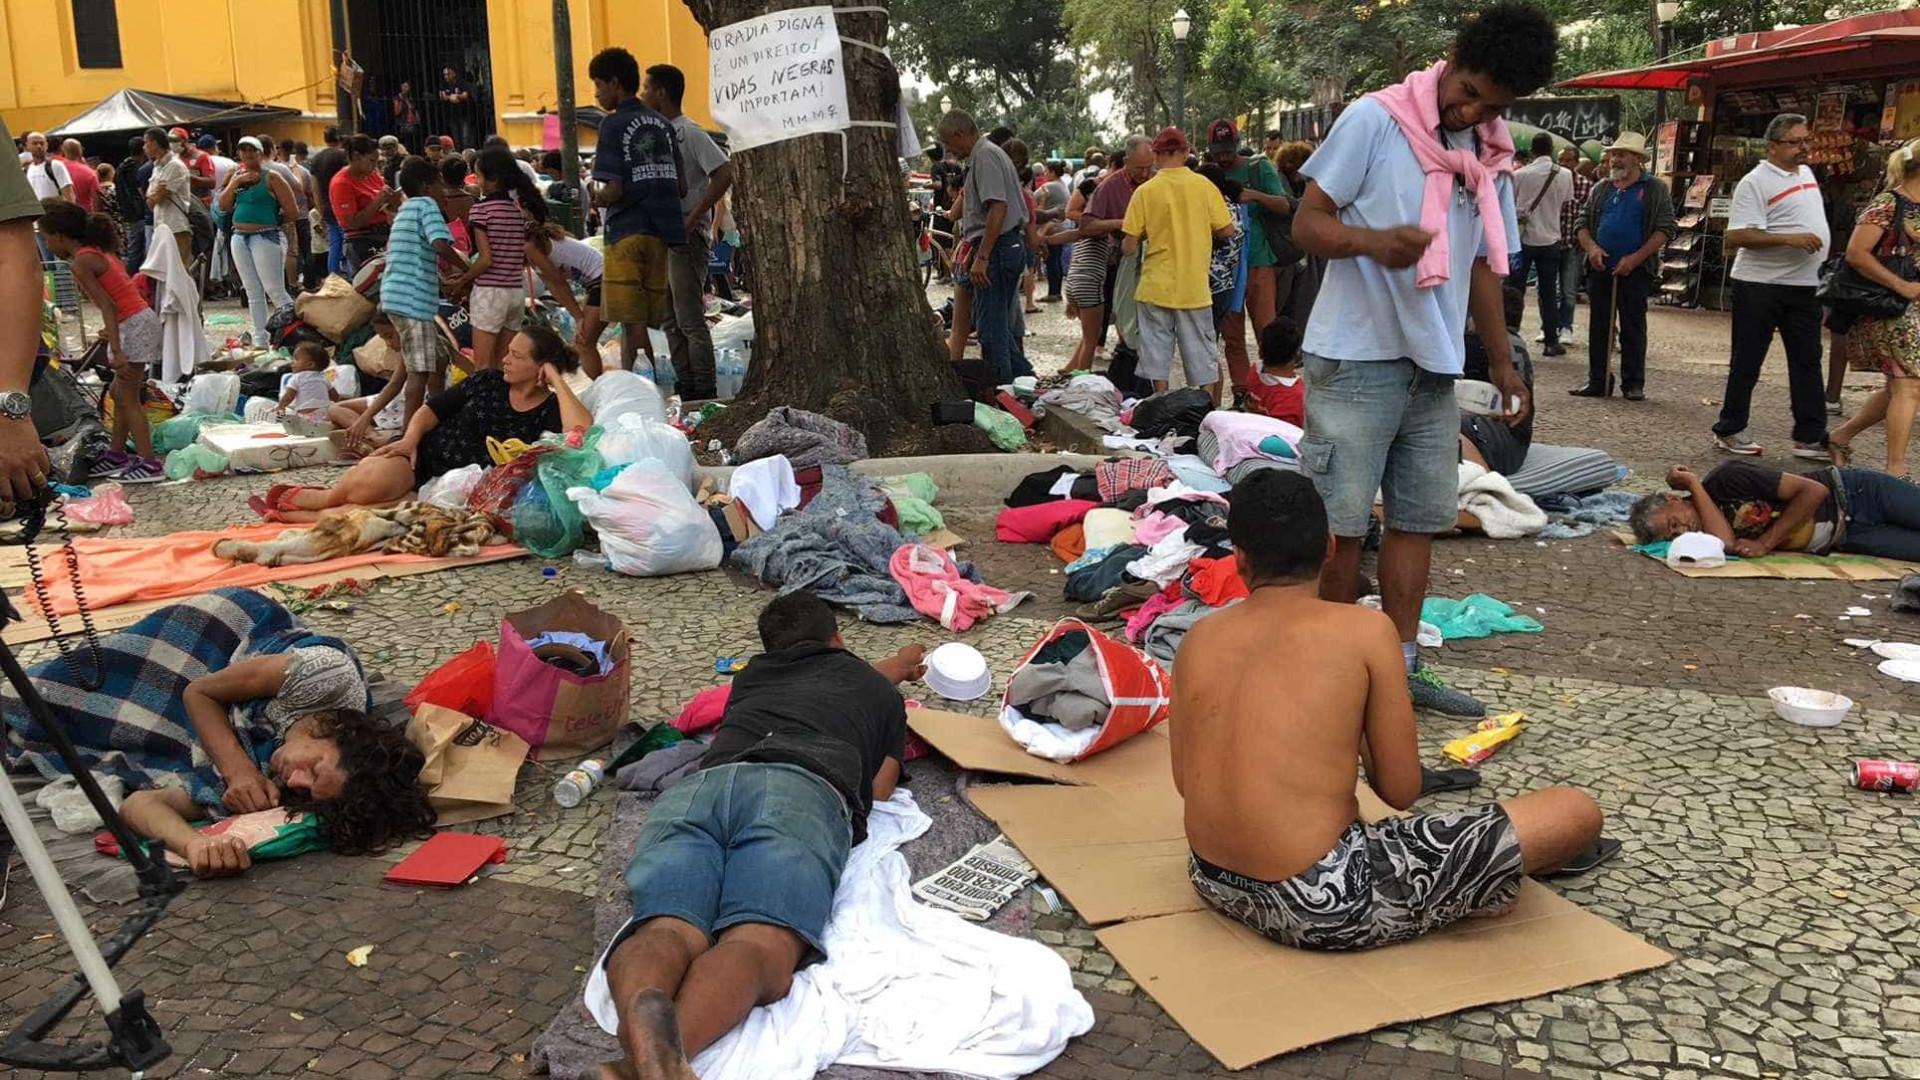 Maioria no Paissandu não é vítima do desabamento, diz Prefeitura